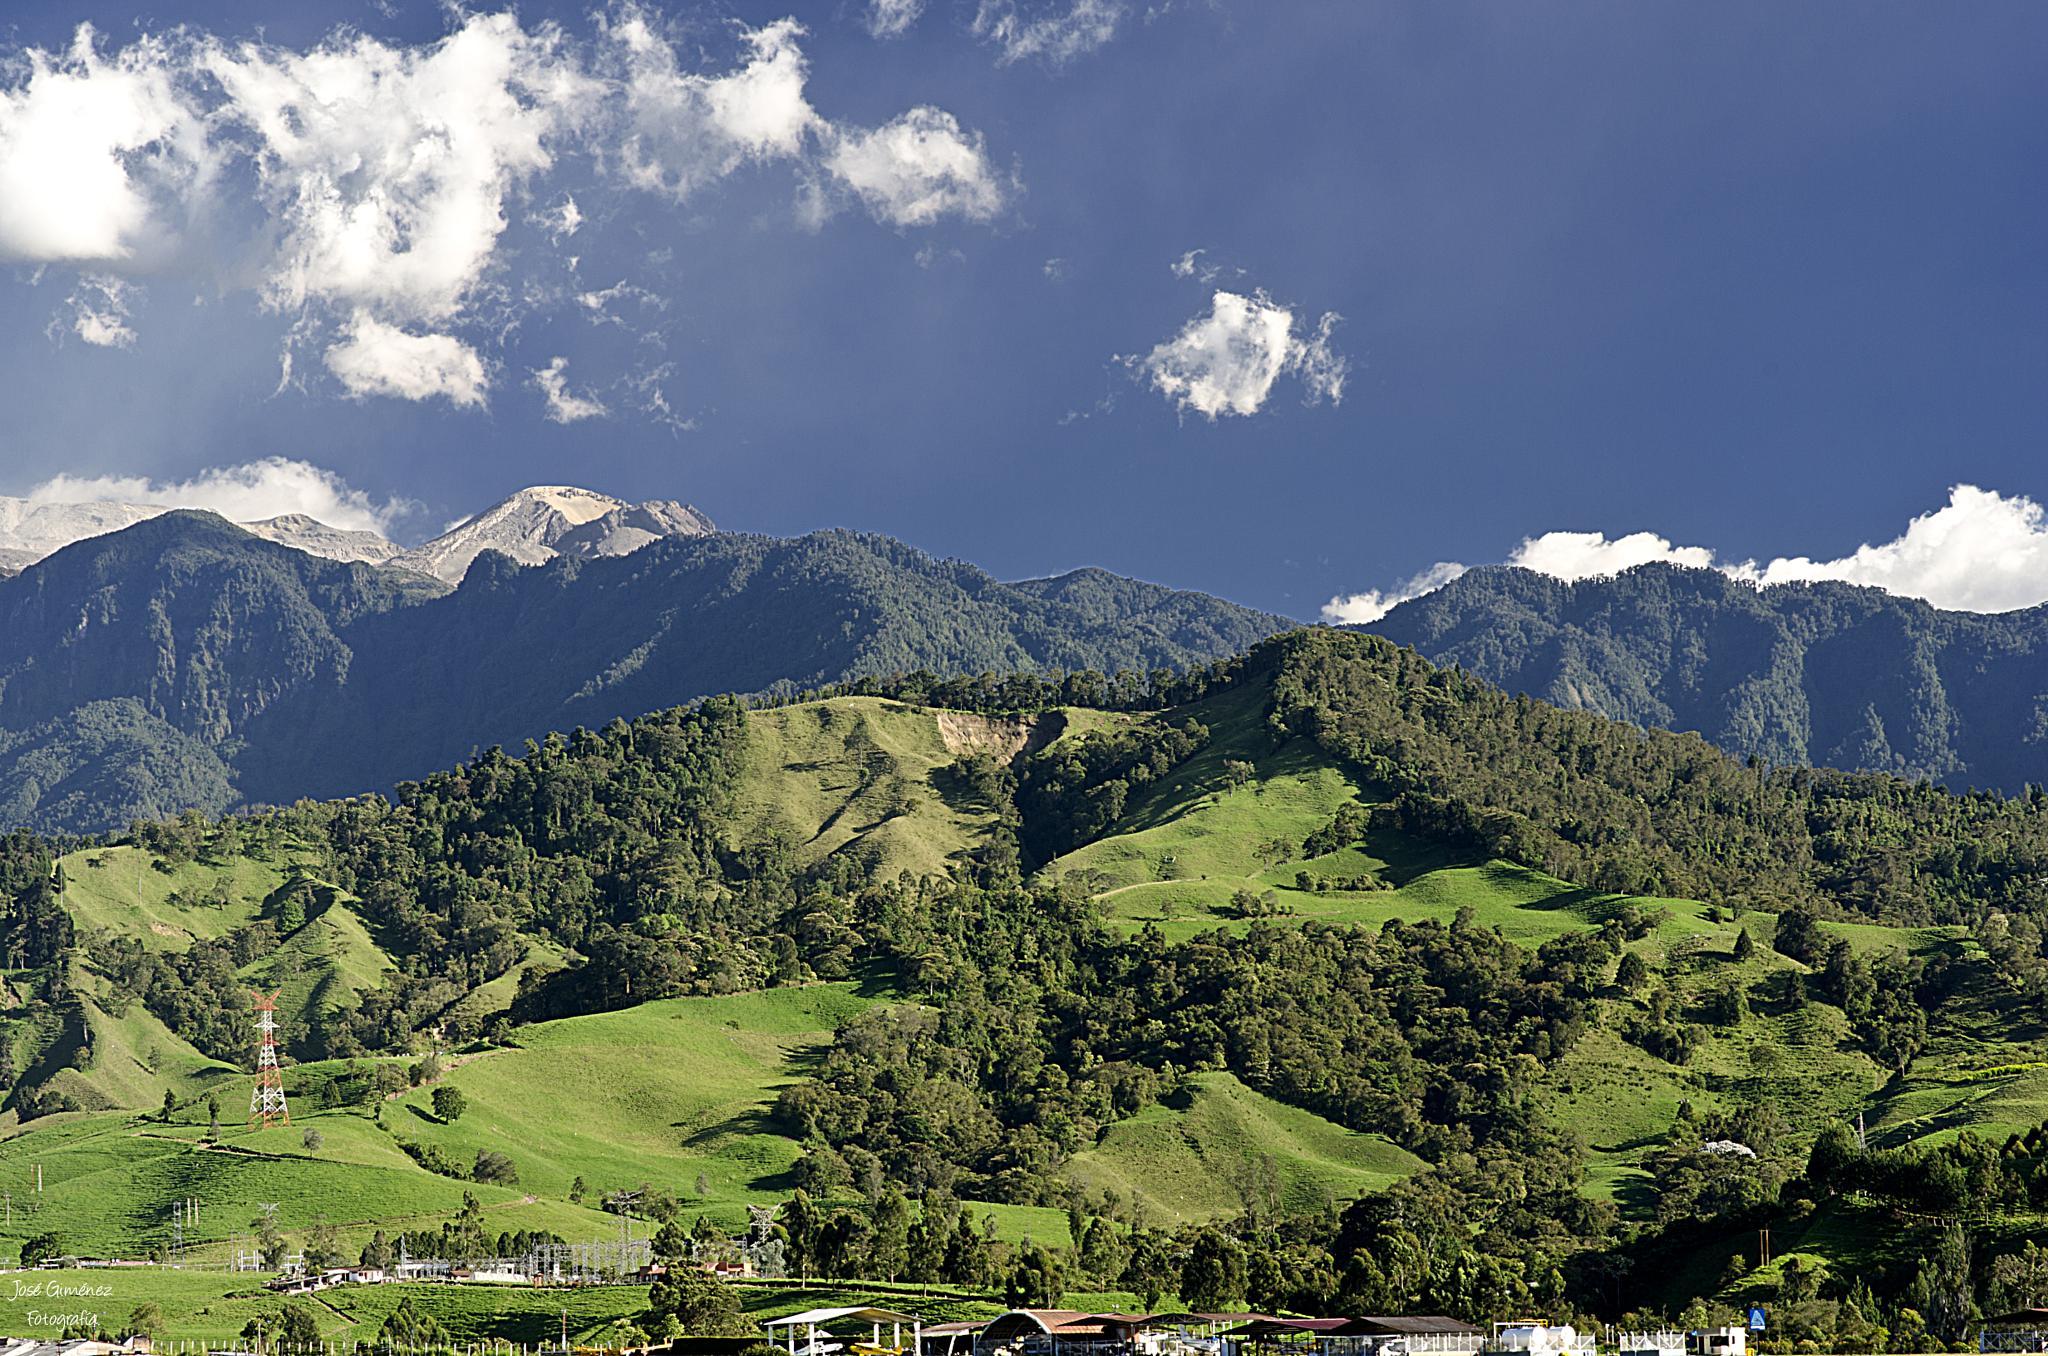 Los Nevados, Colombia by josegimenez